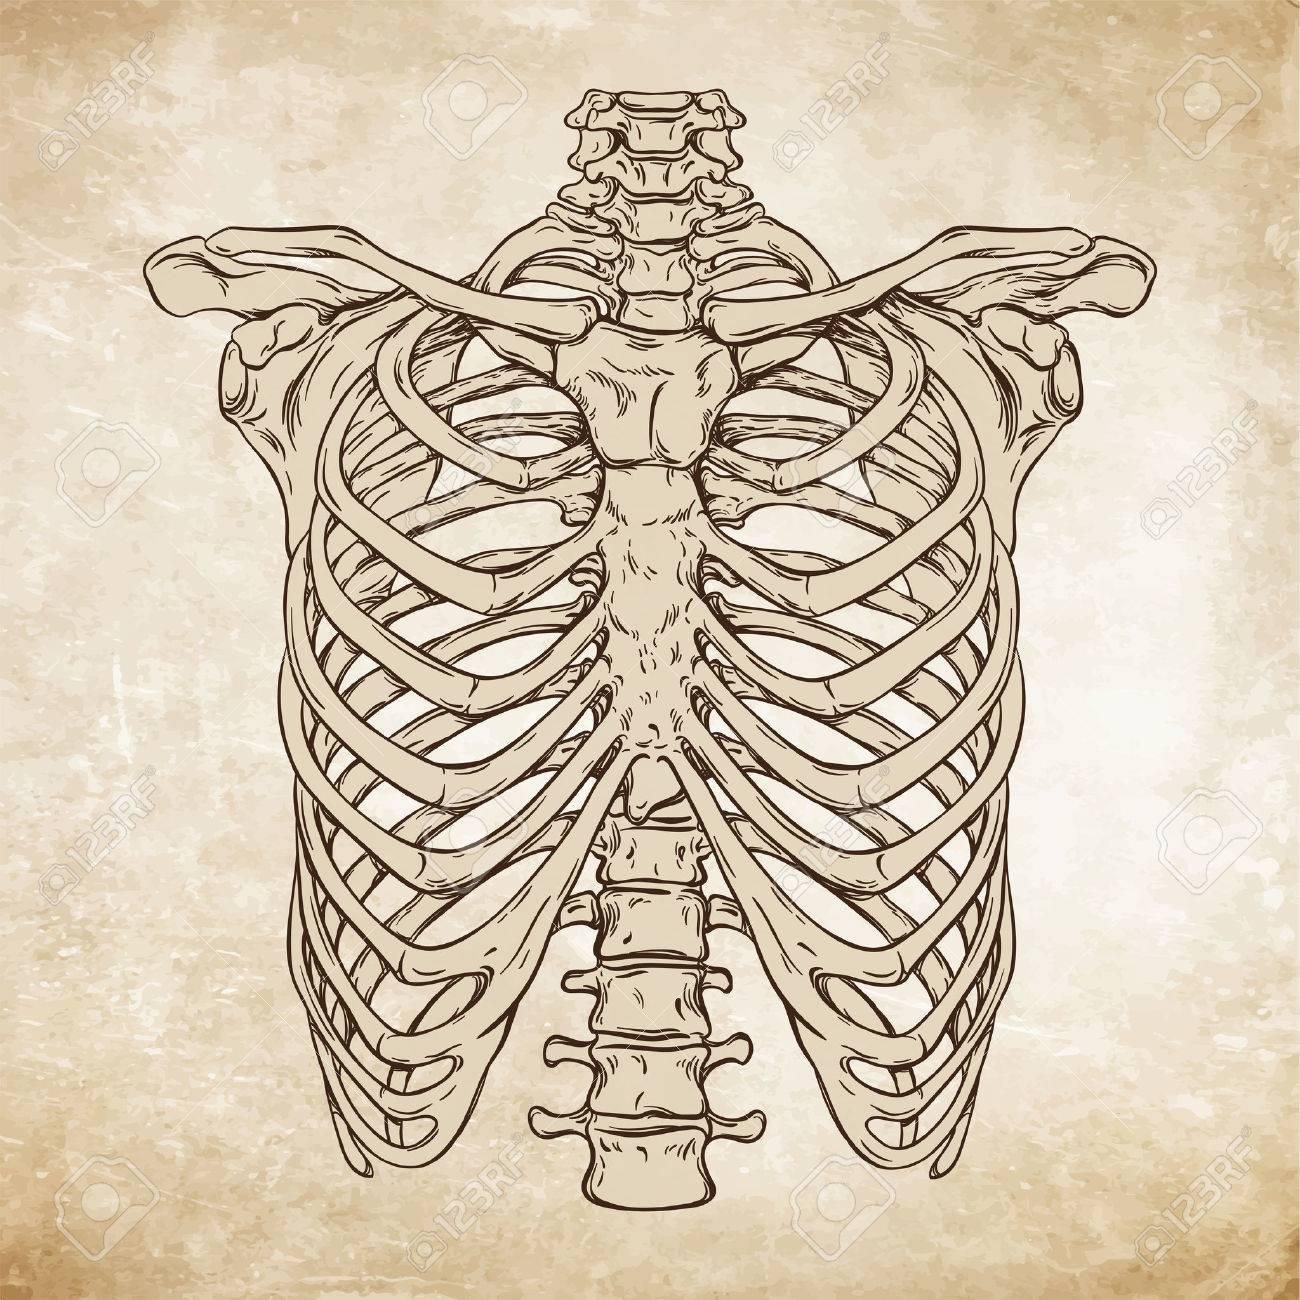 1300x1300 Hand Drawn Line Art Anatomically Correct Human Ribcage. Da Vinci